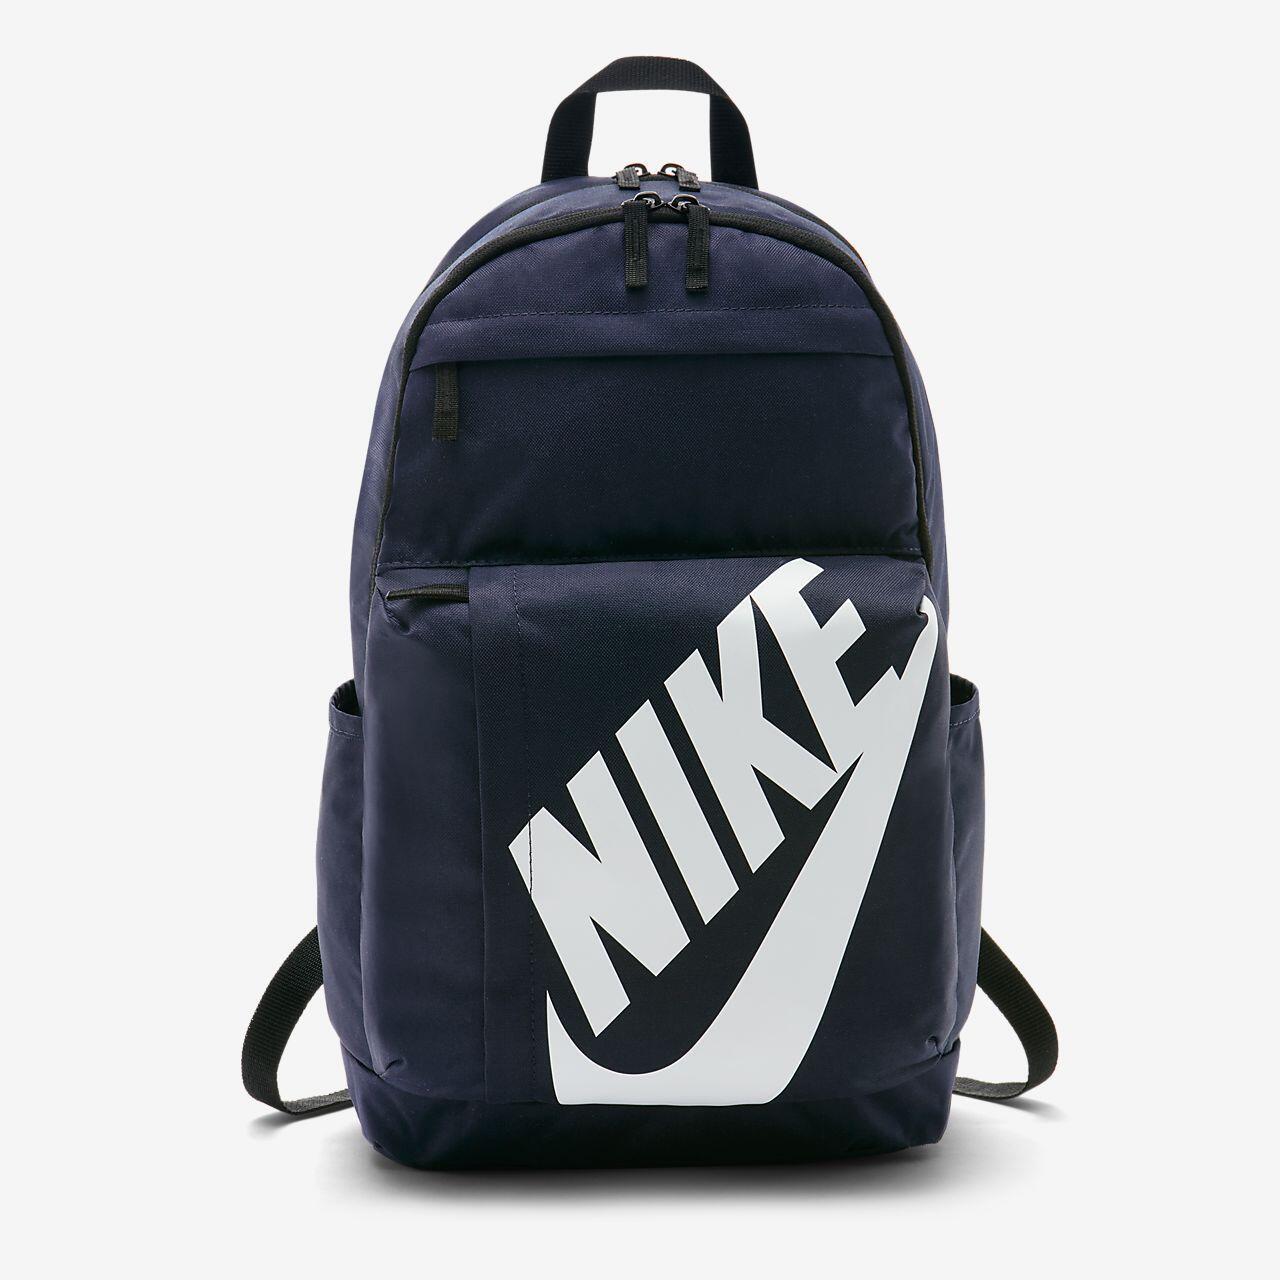 nike-sportswear-elemental-rucksack-farbe-451-obsidian-schwarz-weiss-